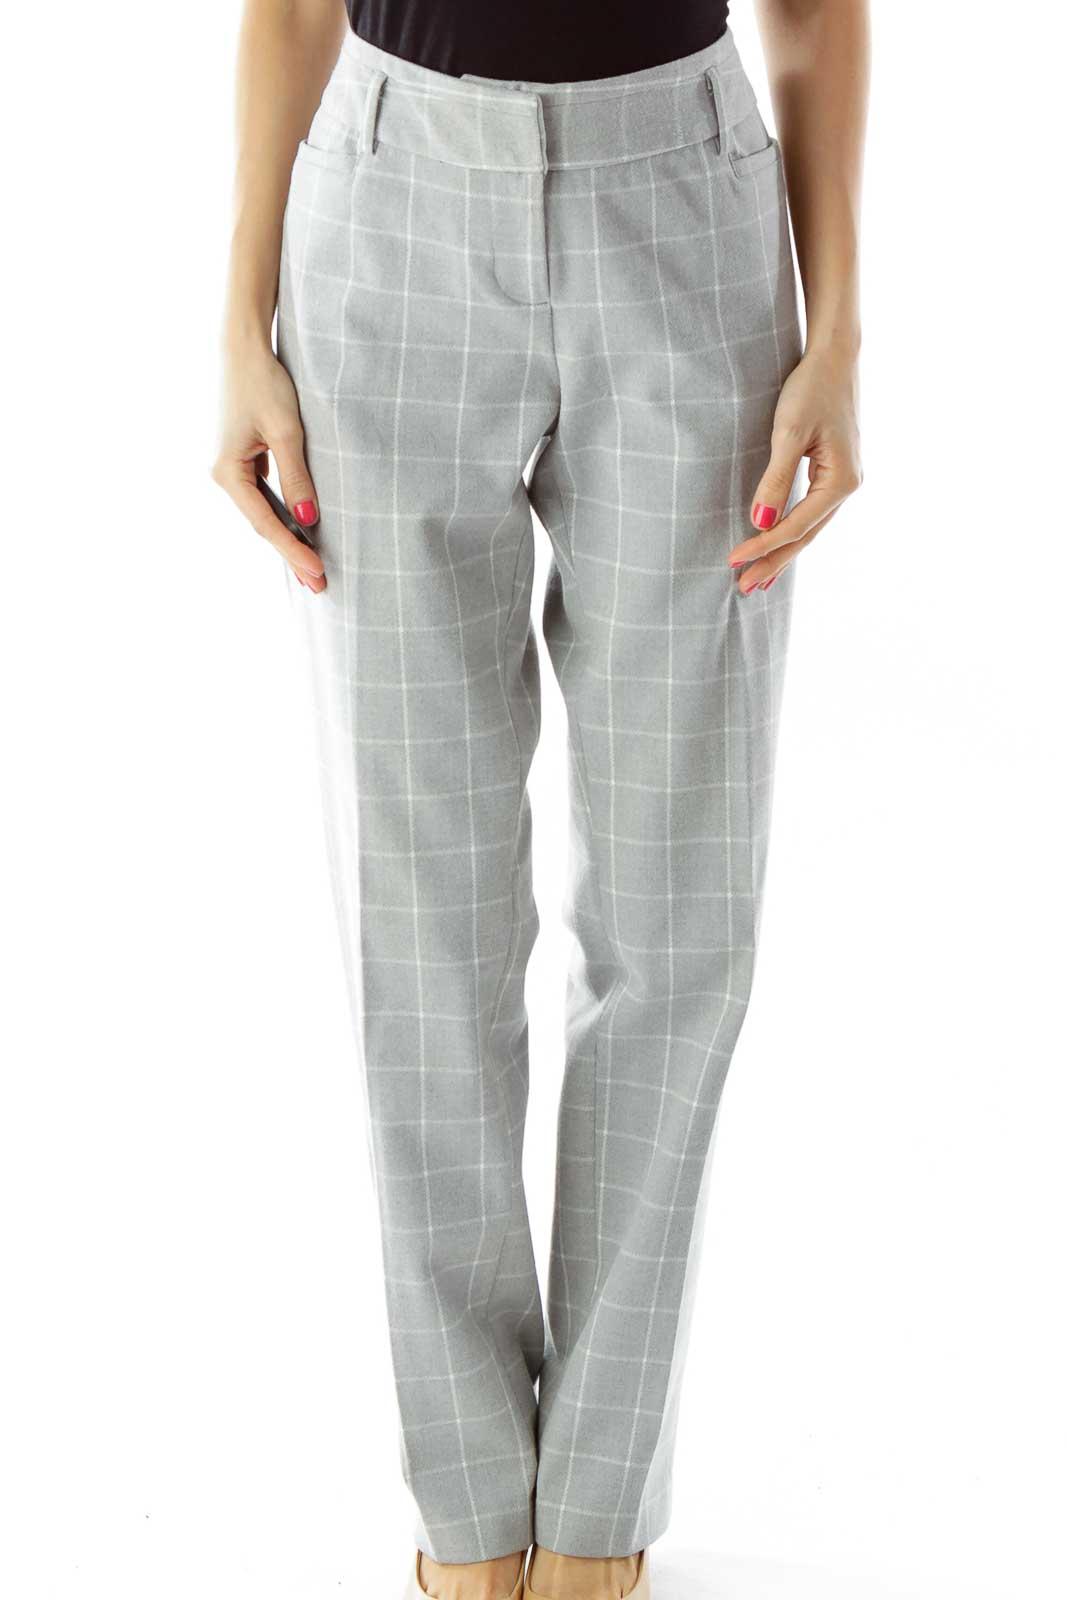 Gray White Checkered Slacks Front